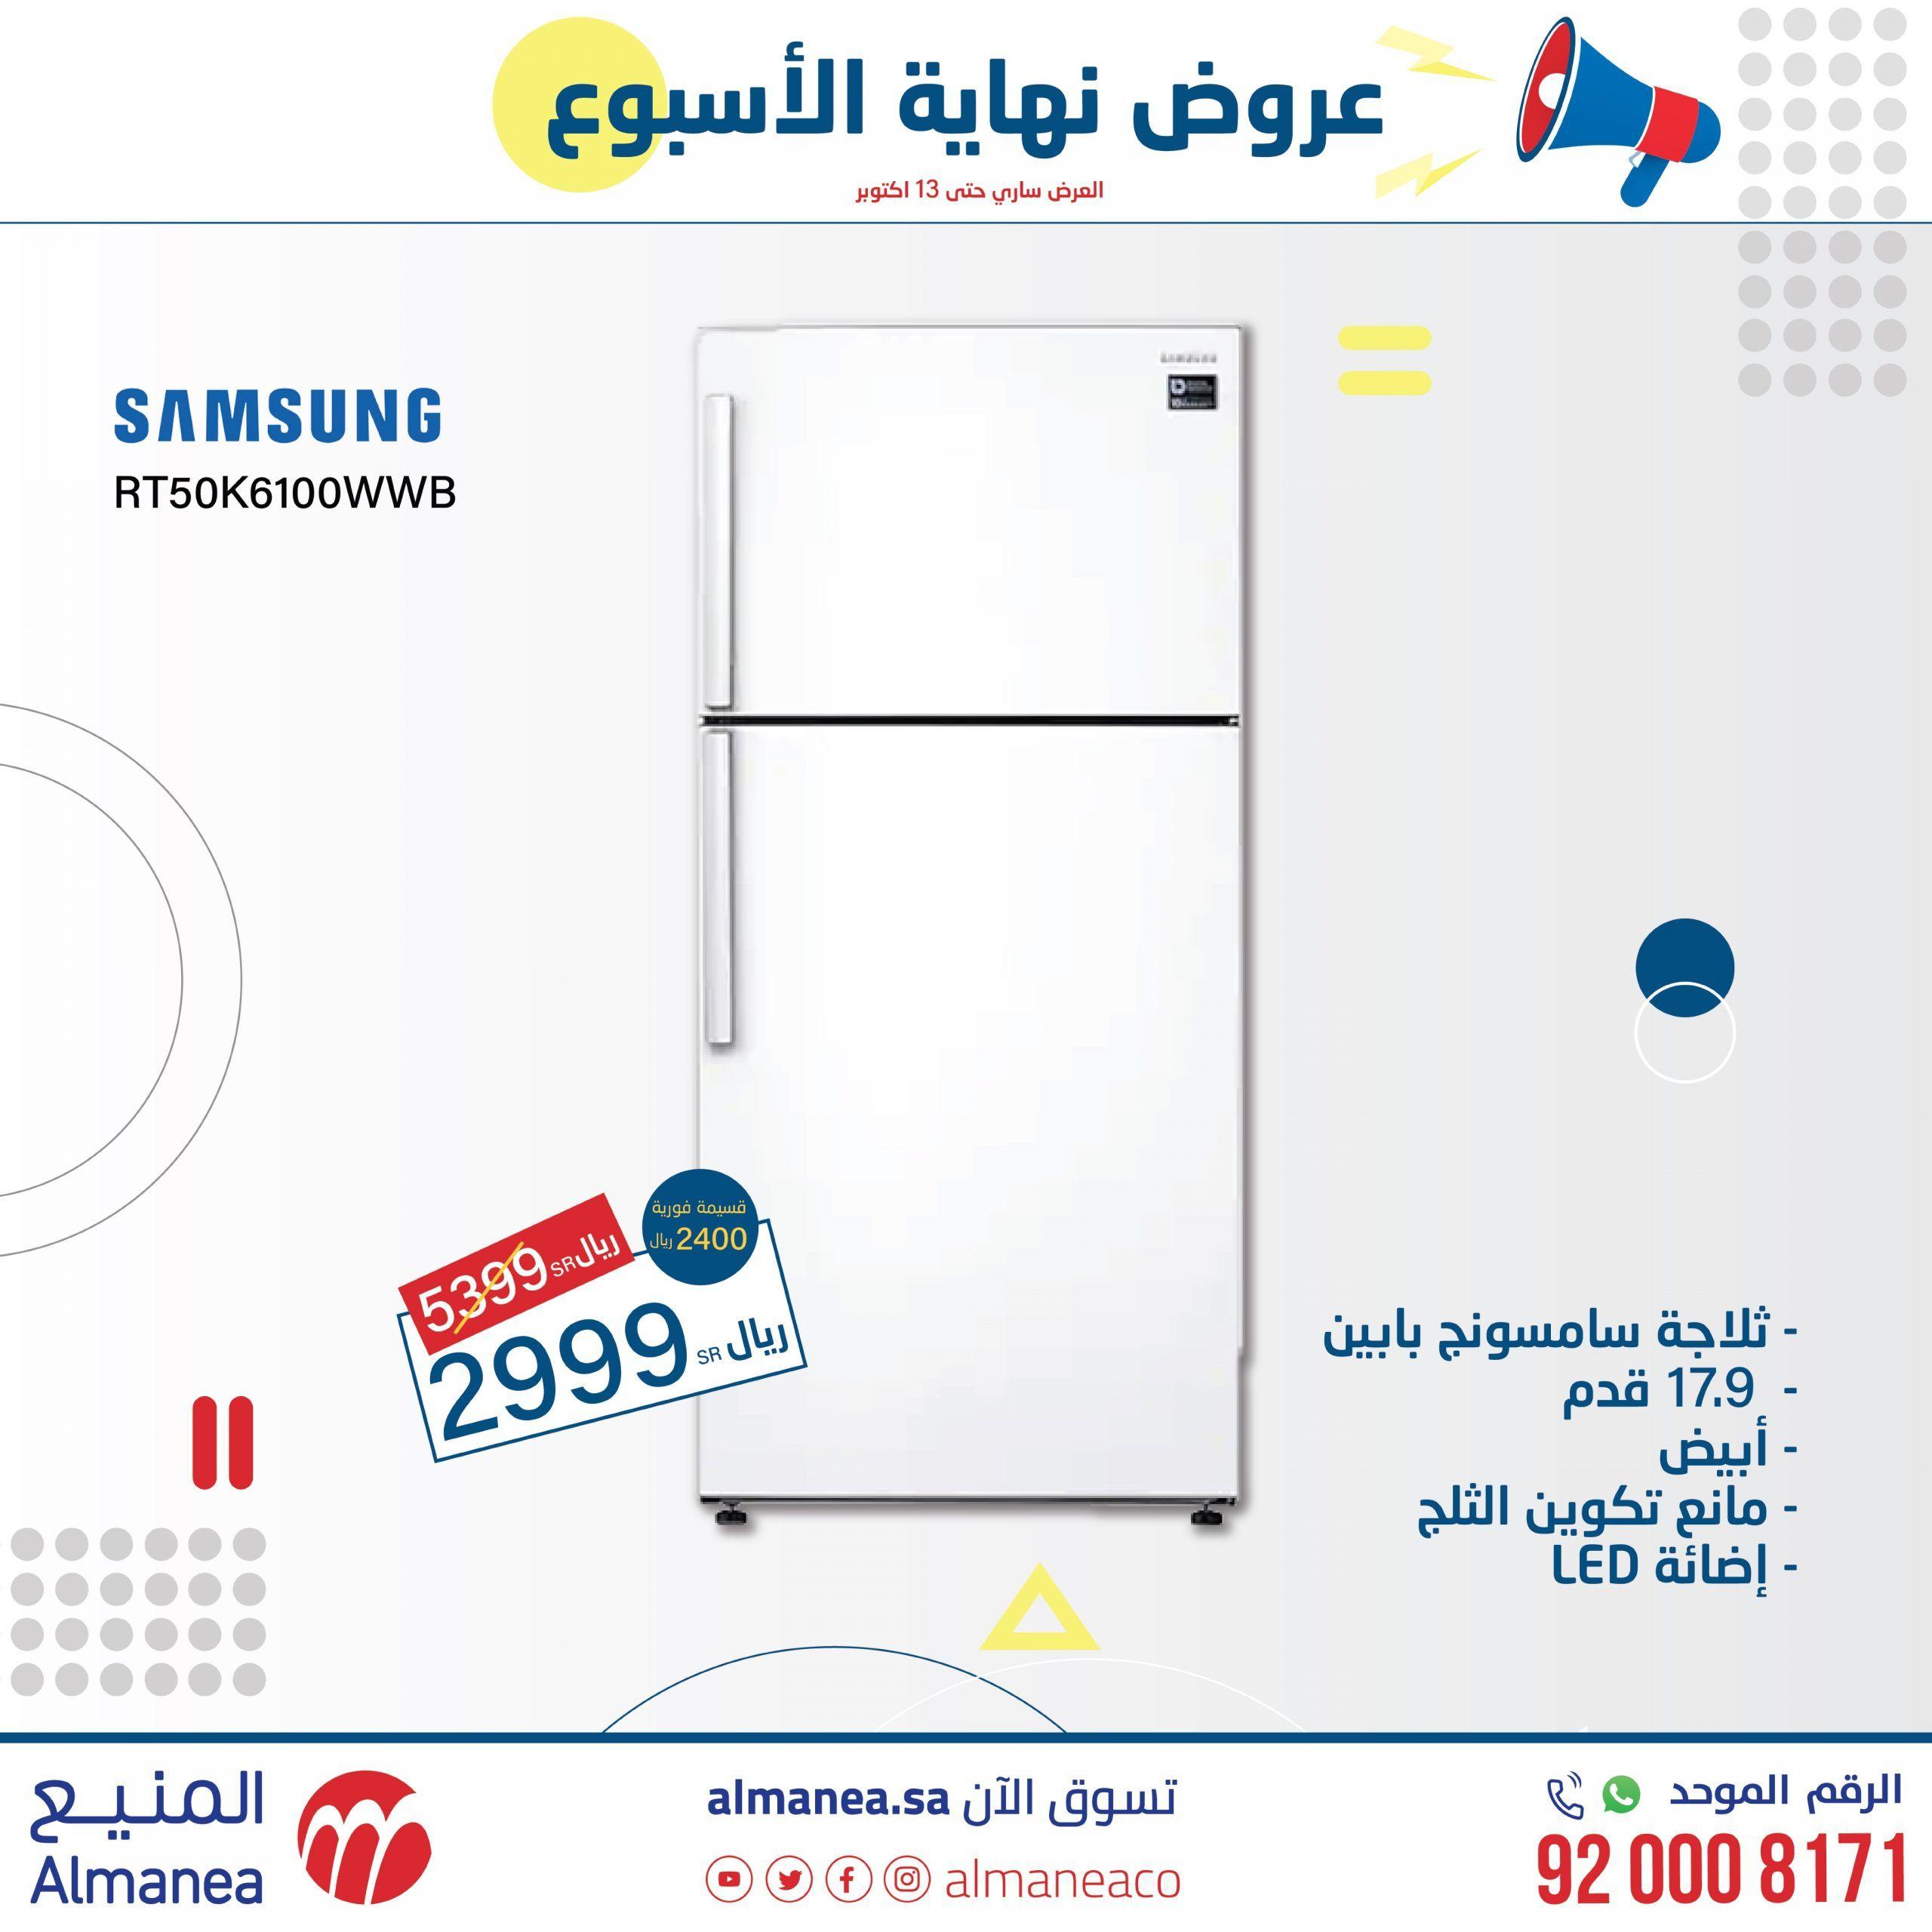 عروض المنيع علي اجهزة المنزل الاثنين 12 اكتوبر 2020 عروض اليوم Top Freezer Refrigerator Refrigerator Kitchen Appliances